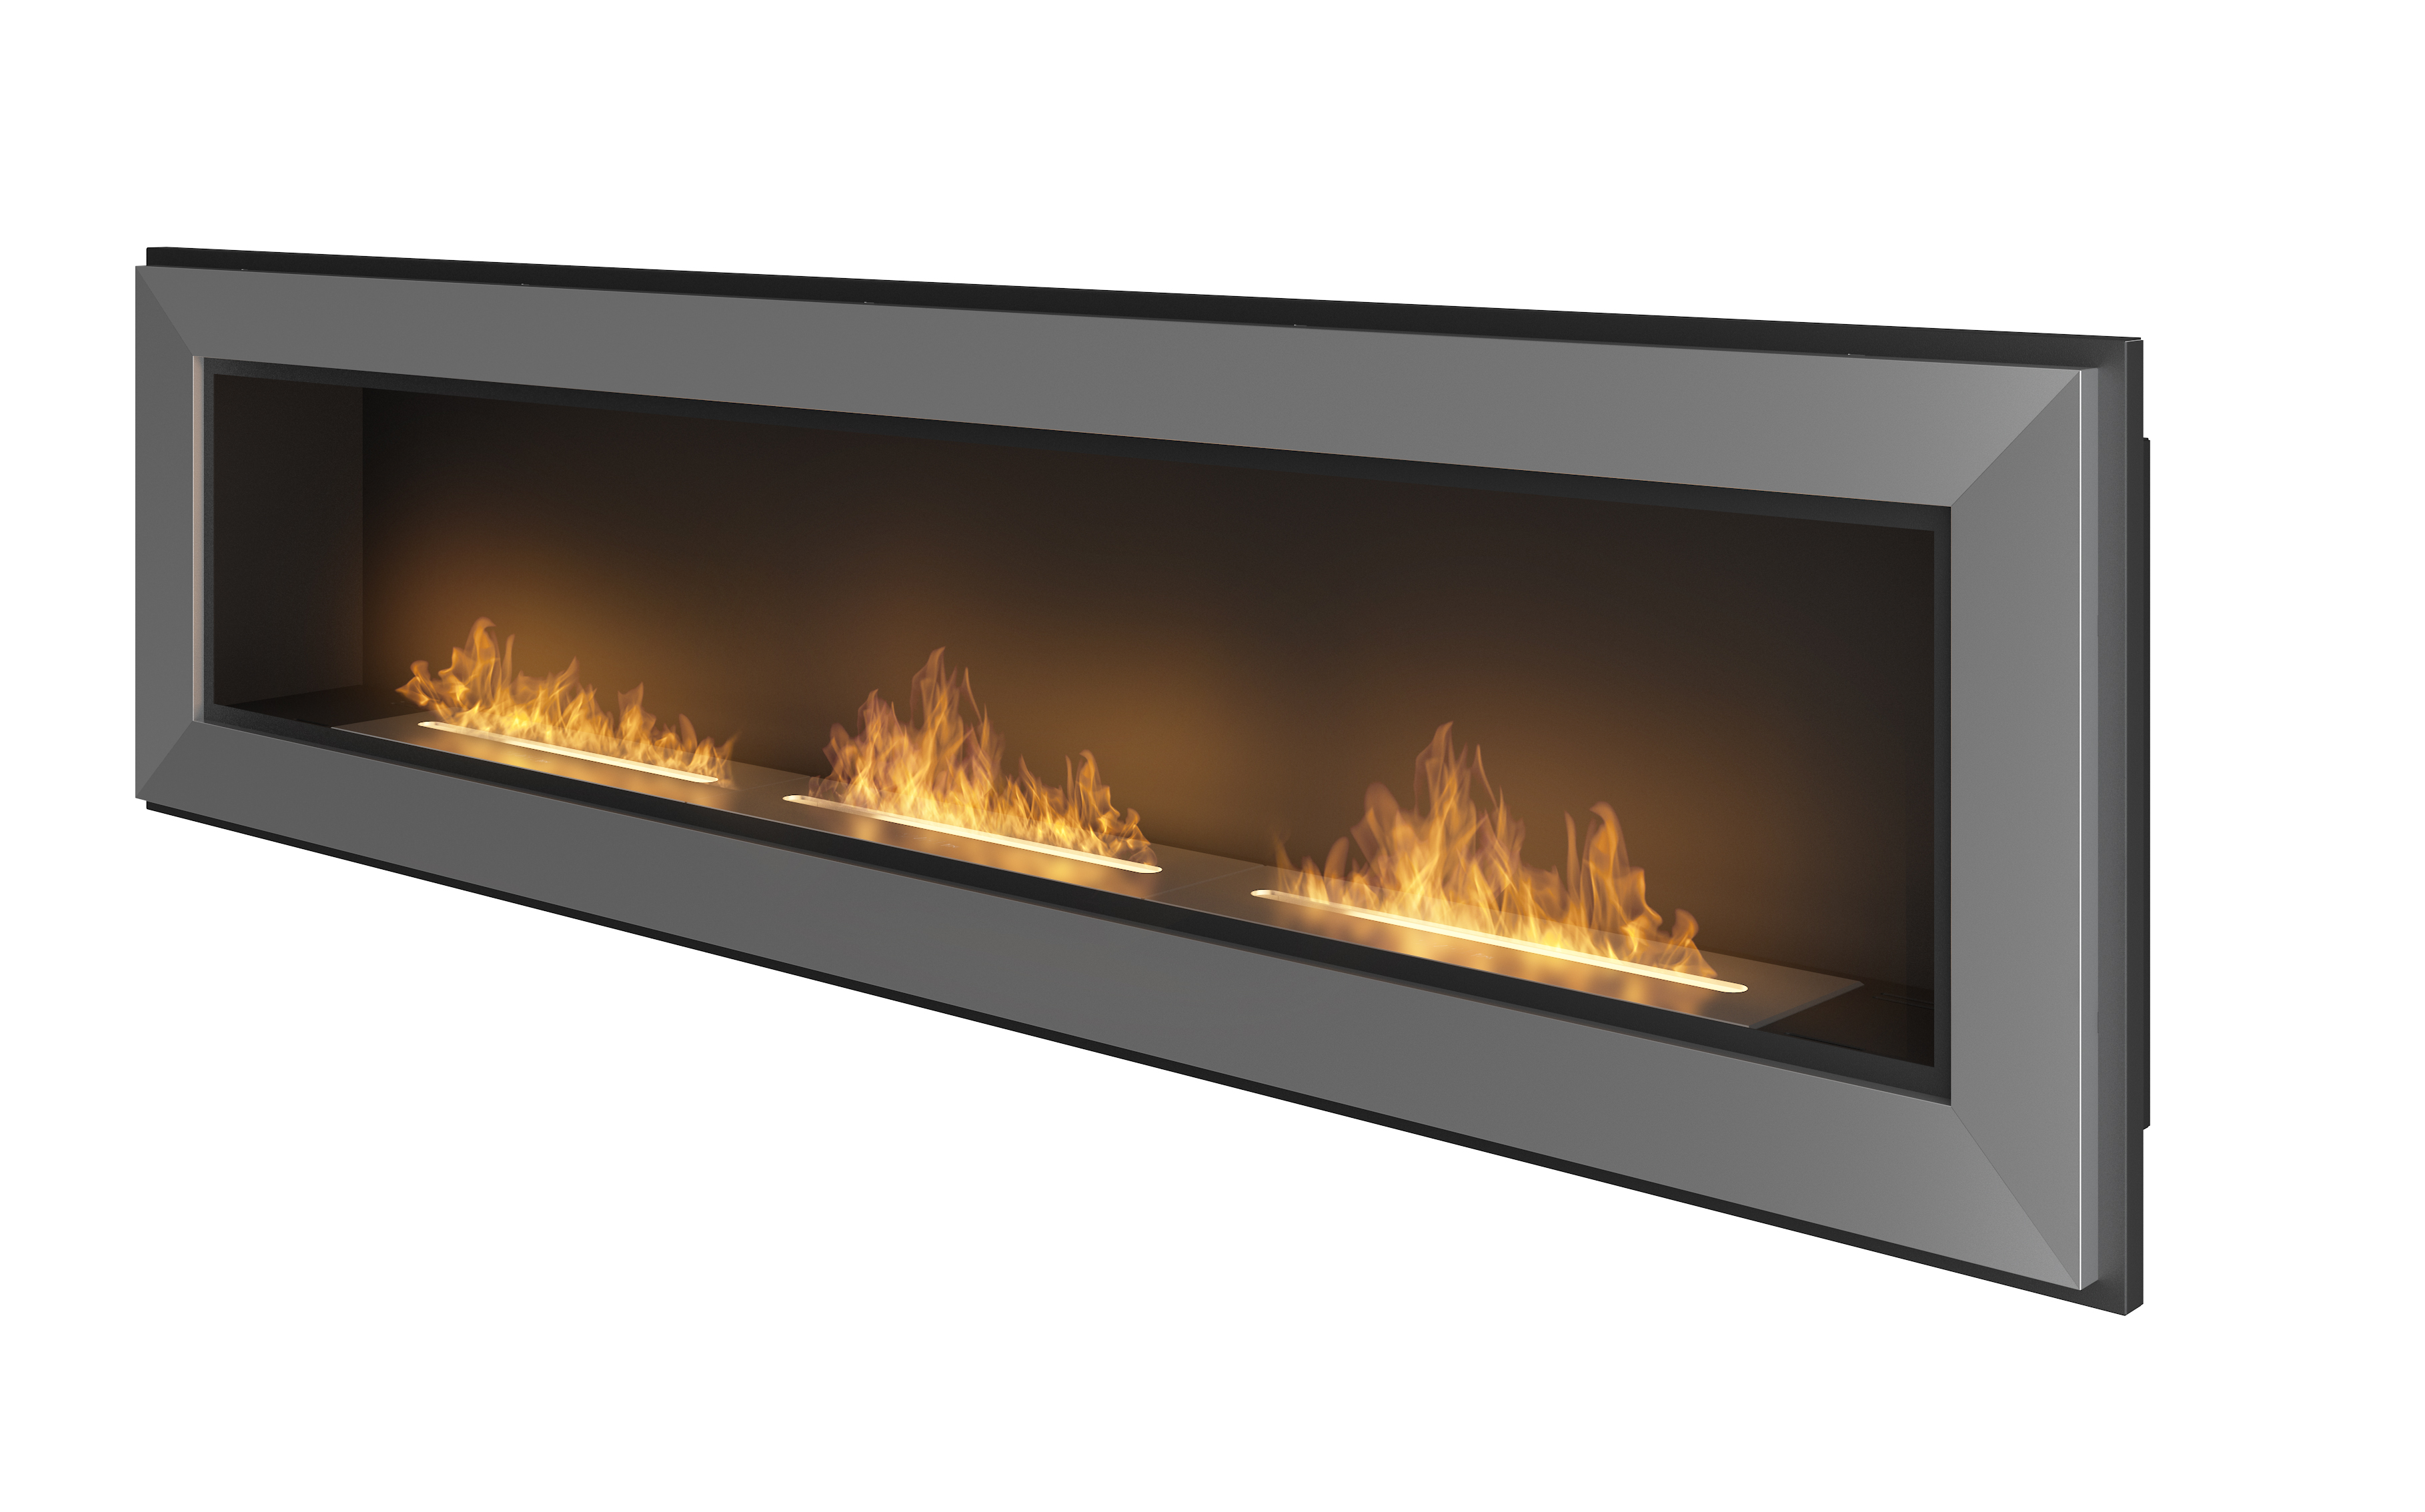 Bio Ethanol Fuel >> Ethanol fireplace Simple Fire Frame 1800 • Artflame.com